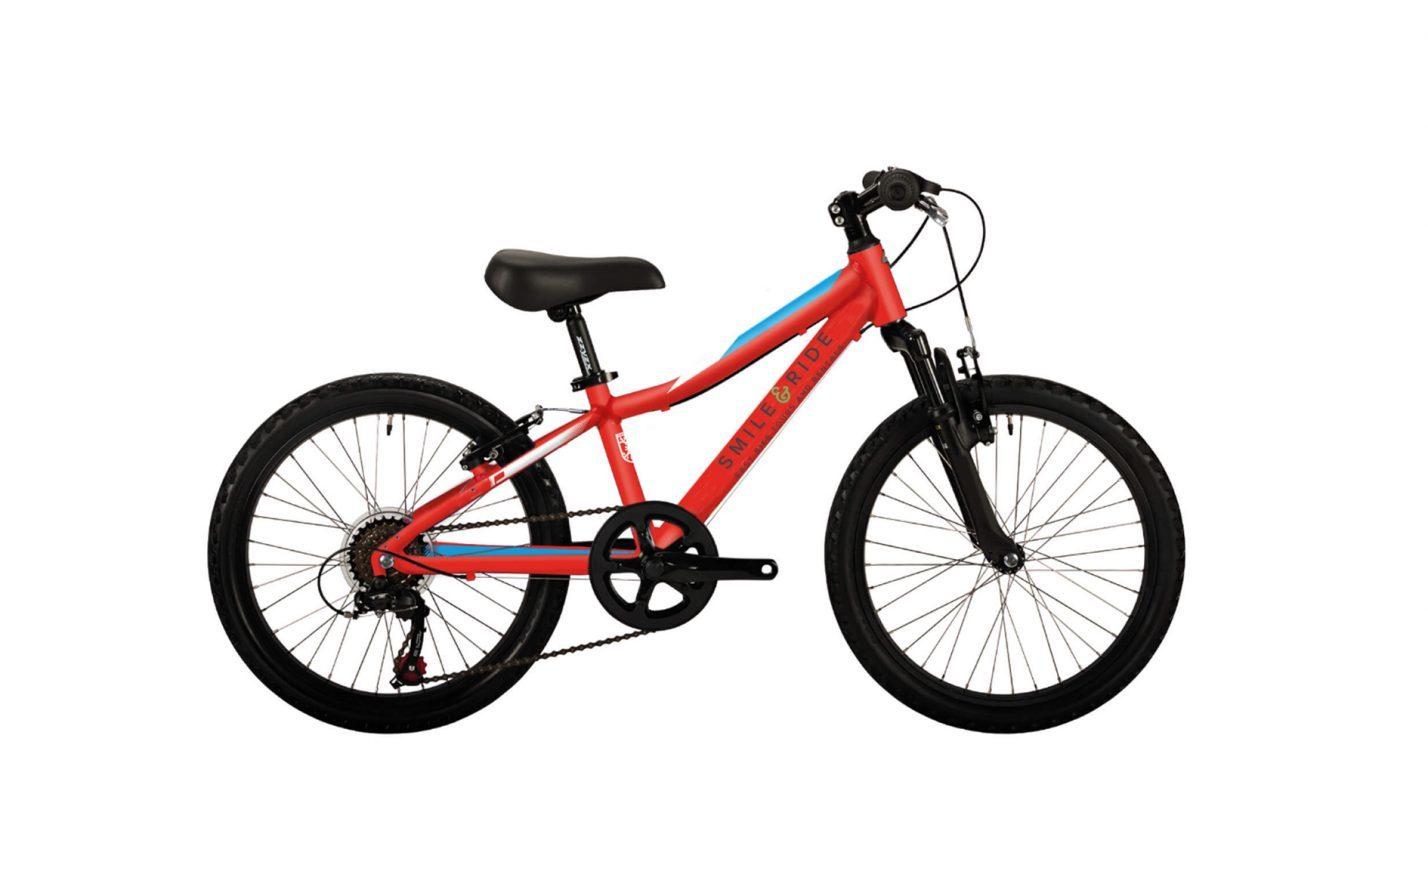 BICI Bambino - Noleggio bici da bambino Pisa